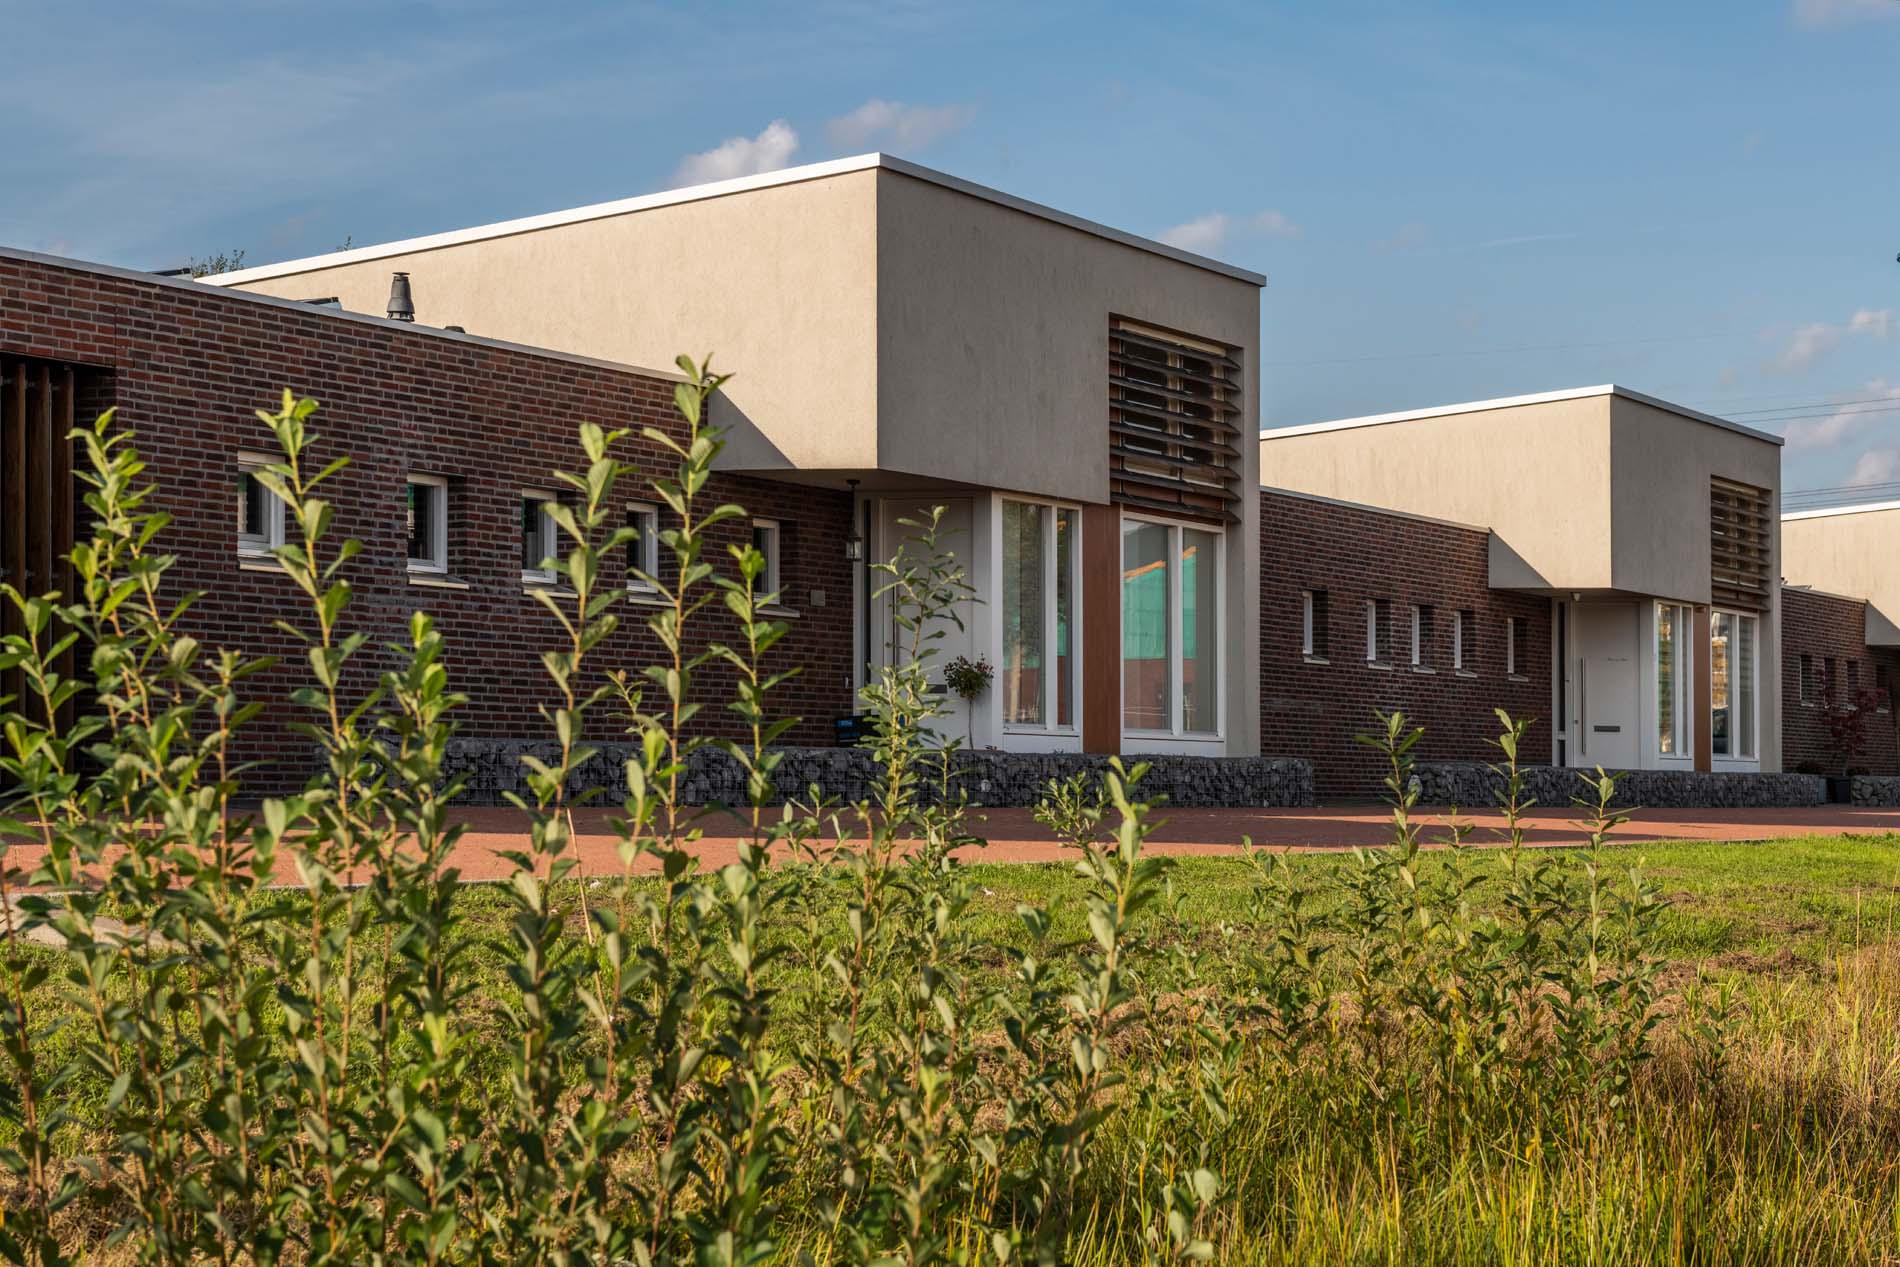 Project Haaghuijs in Mierlo-Hout Helmond, ASWA Keukens Helmond